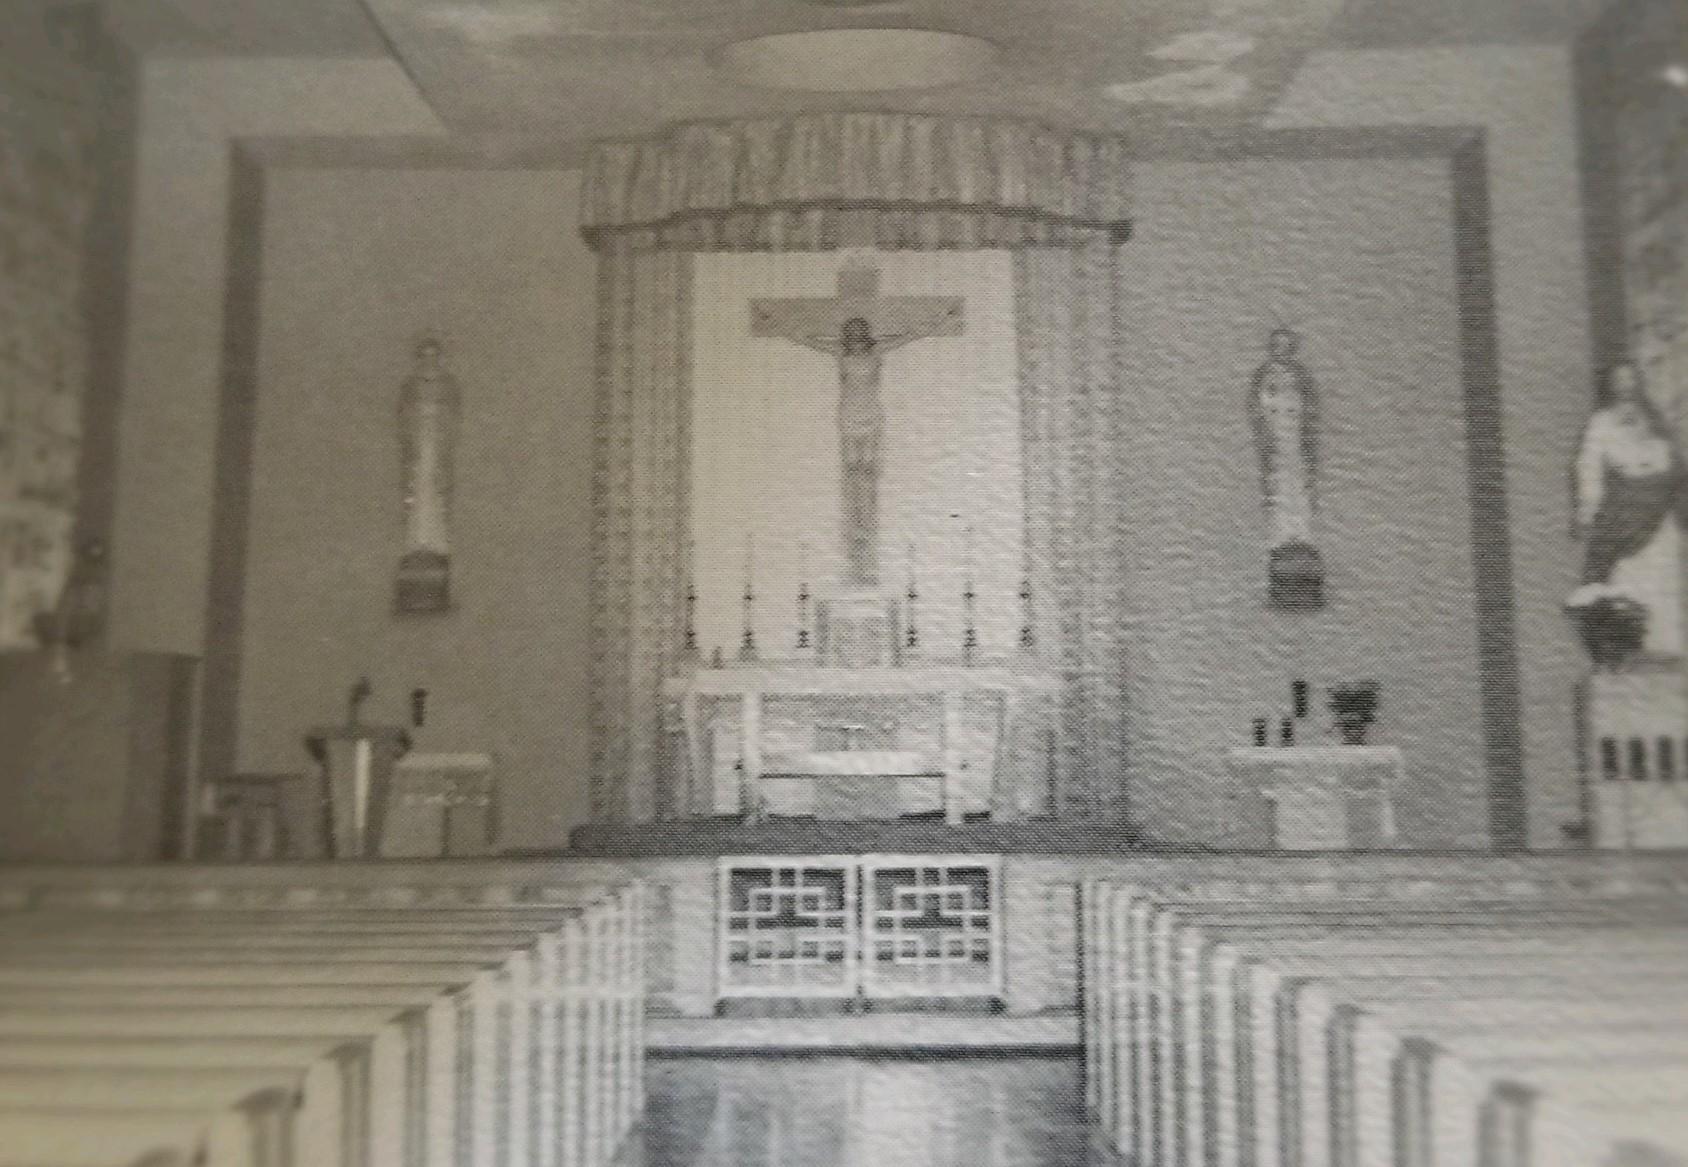 St. Martin History 1